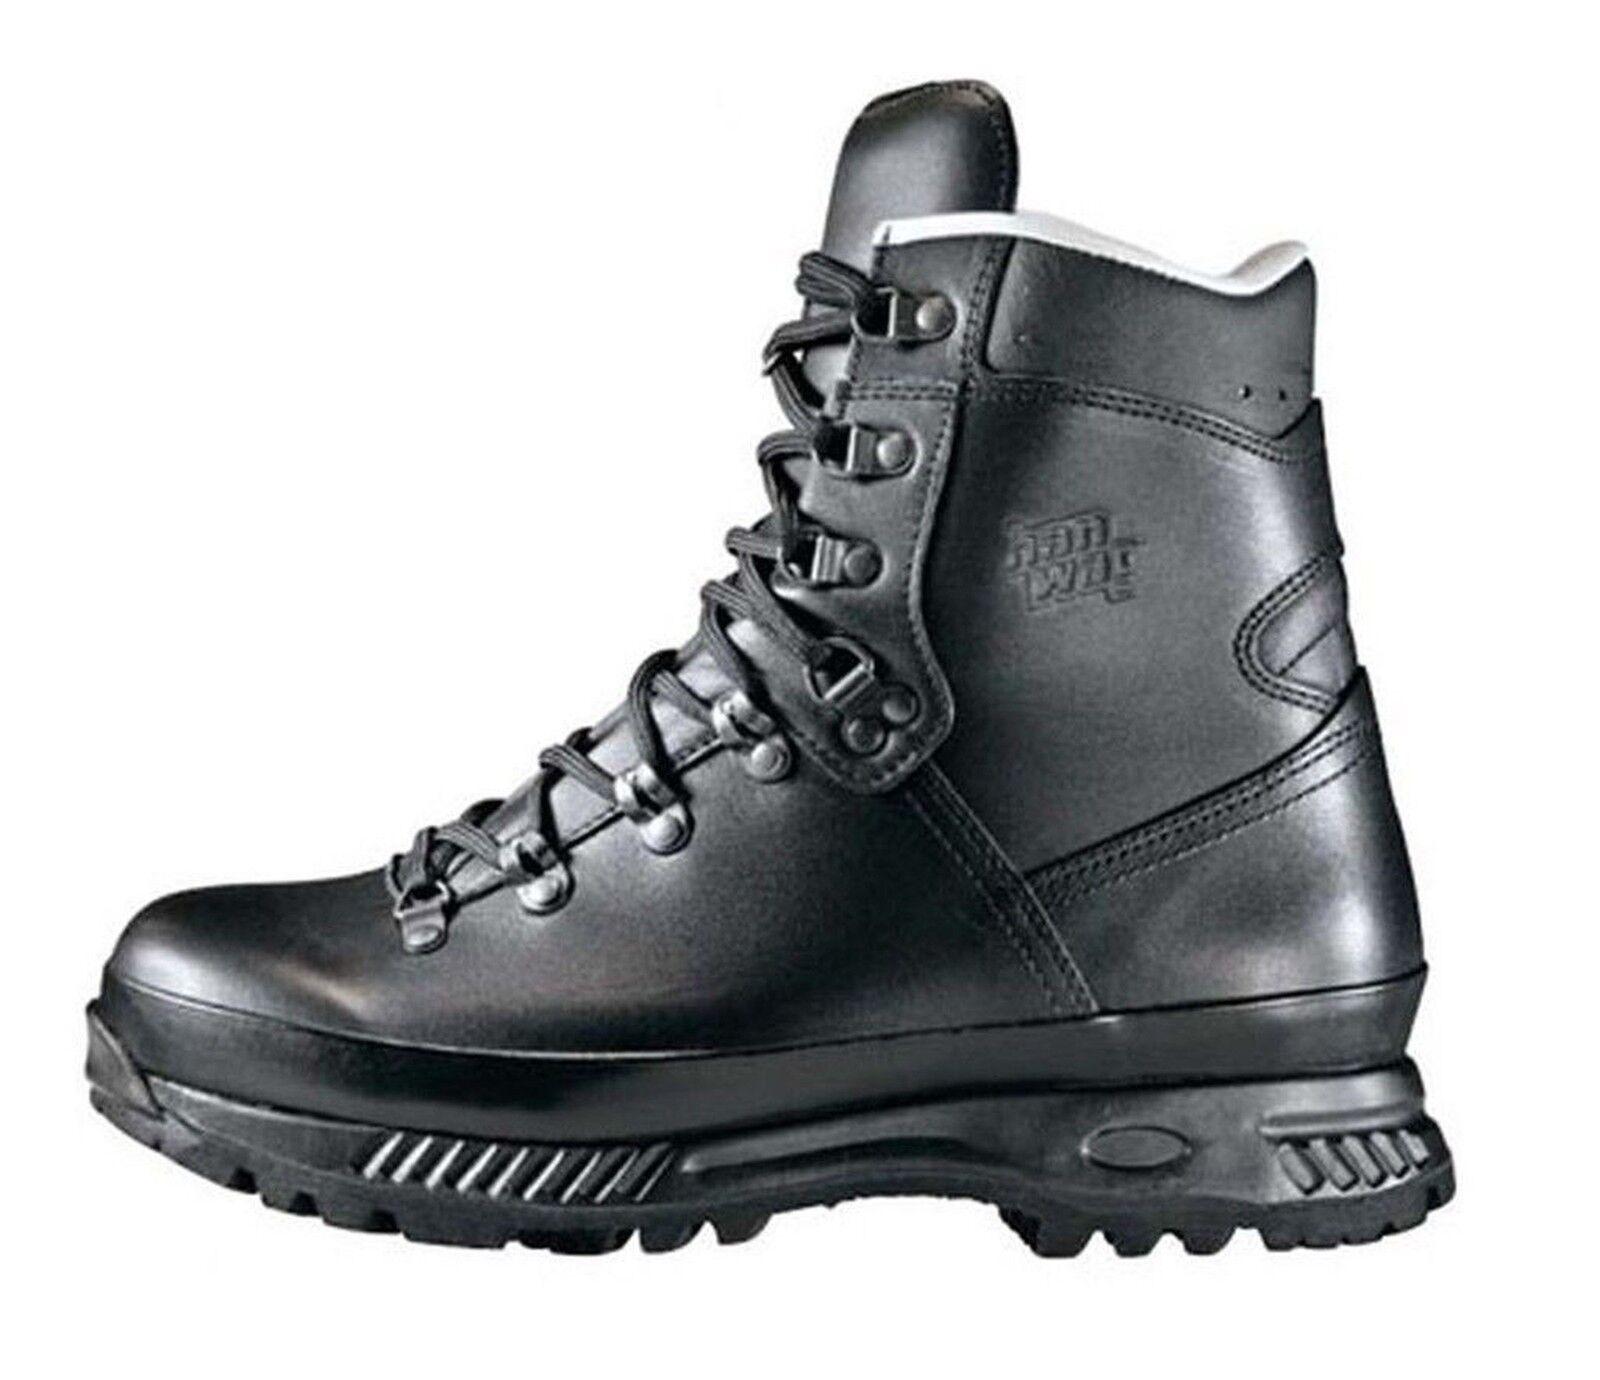 Militär und Sicherheitsdienst HANWAG Special Force LX Größe 9 - 43 schwarz